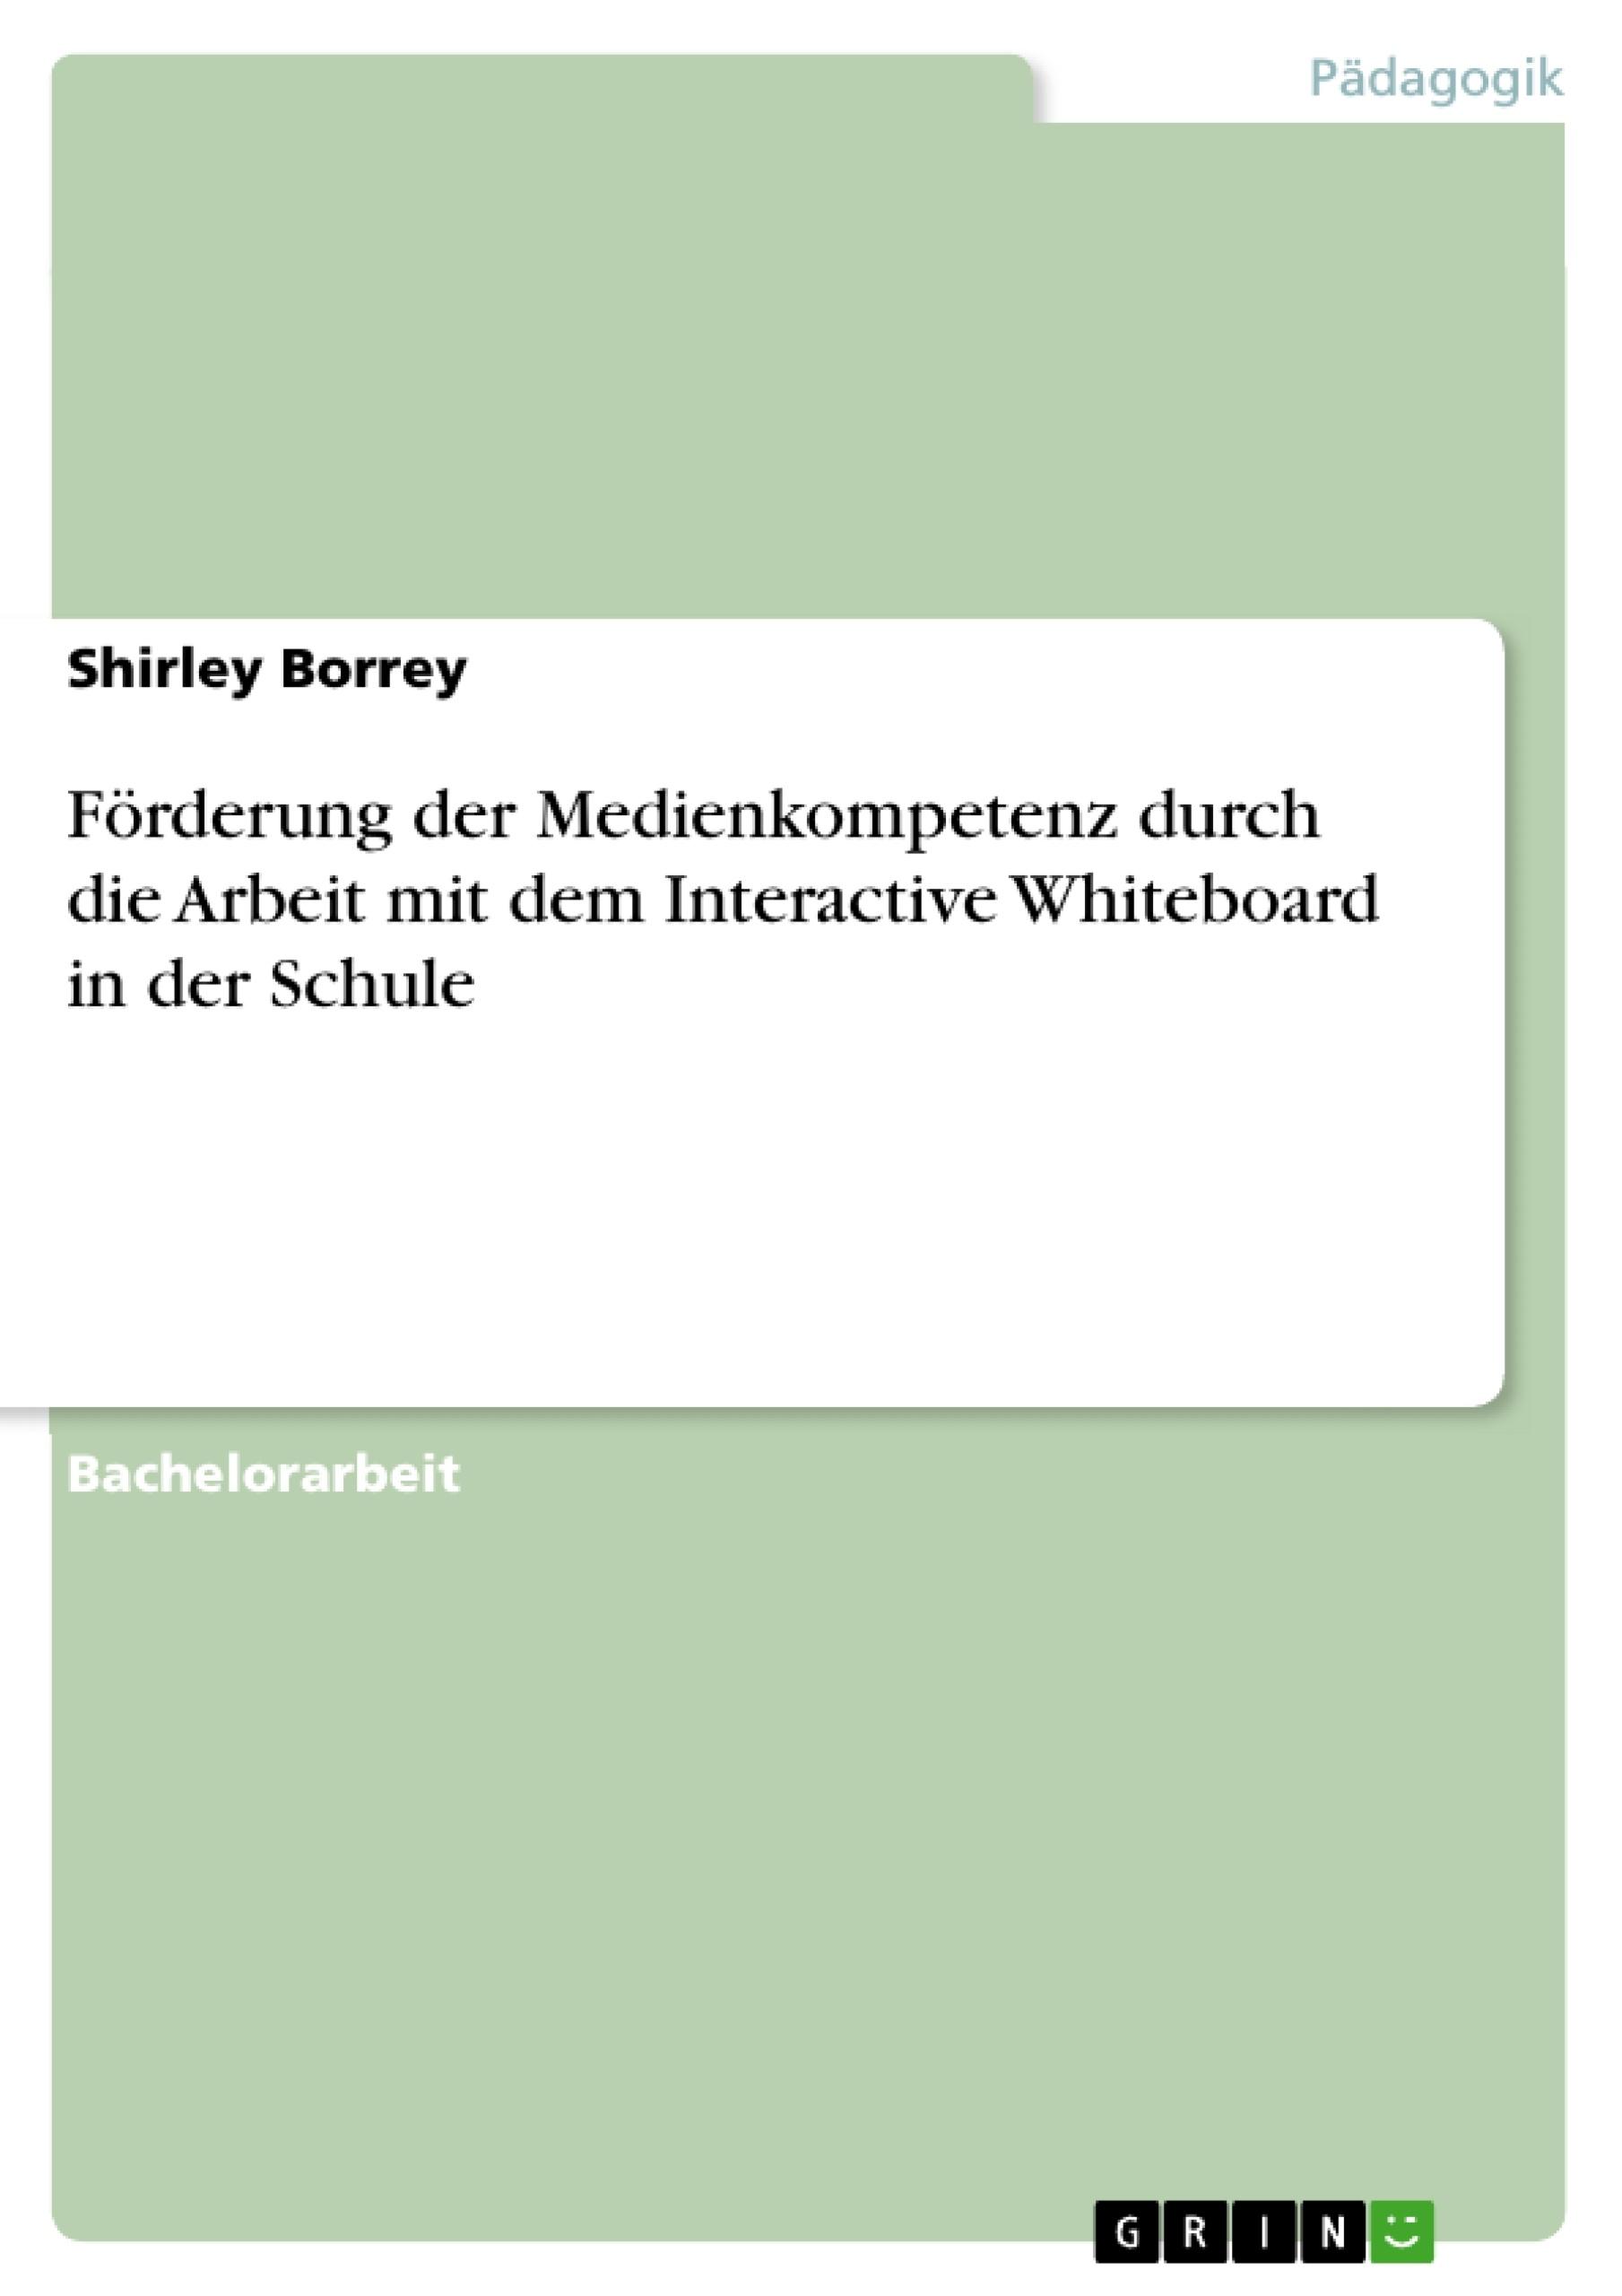 Titel: Förderung der Medienkompetenz durch die Arbeit mit dem Interactive Whiteboard in der Schule